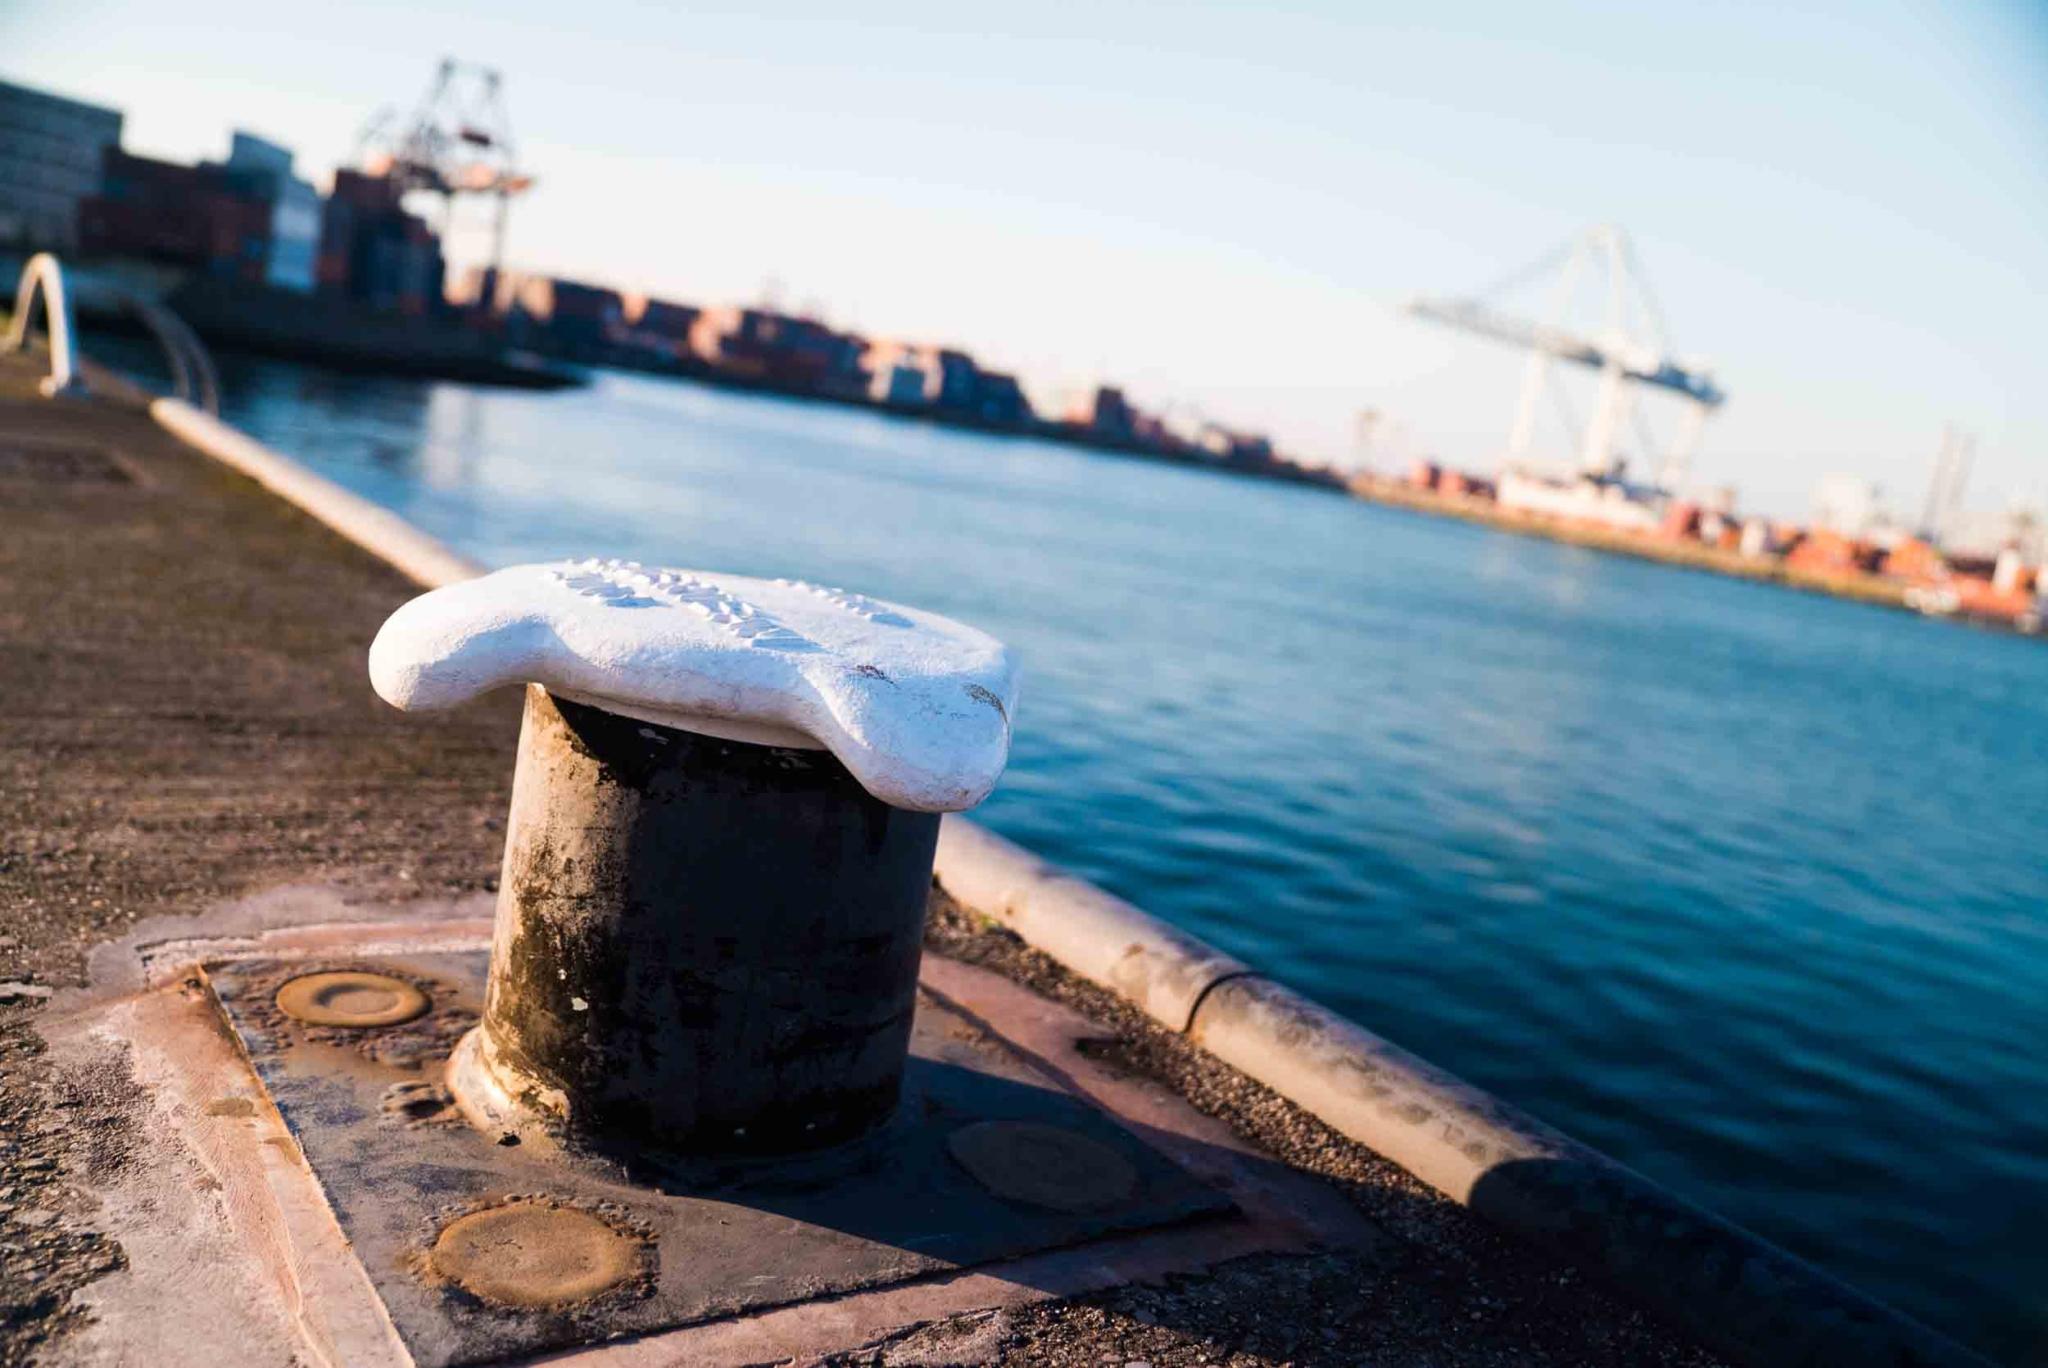 Een paal op de pier met een witte bovenkant om schepen aan te kunnen meren in de buurt van Portbase een klant van NOBLY